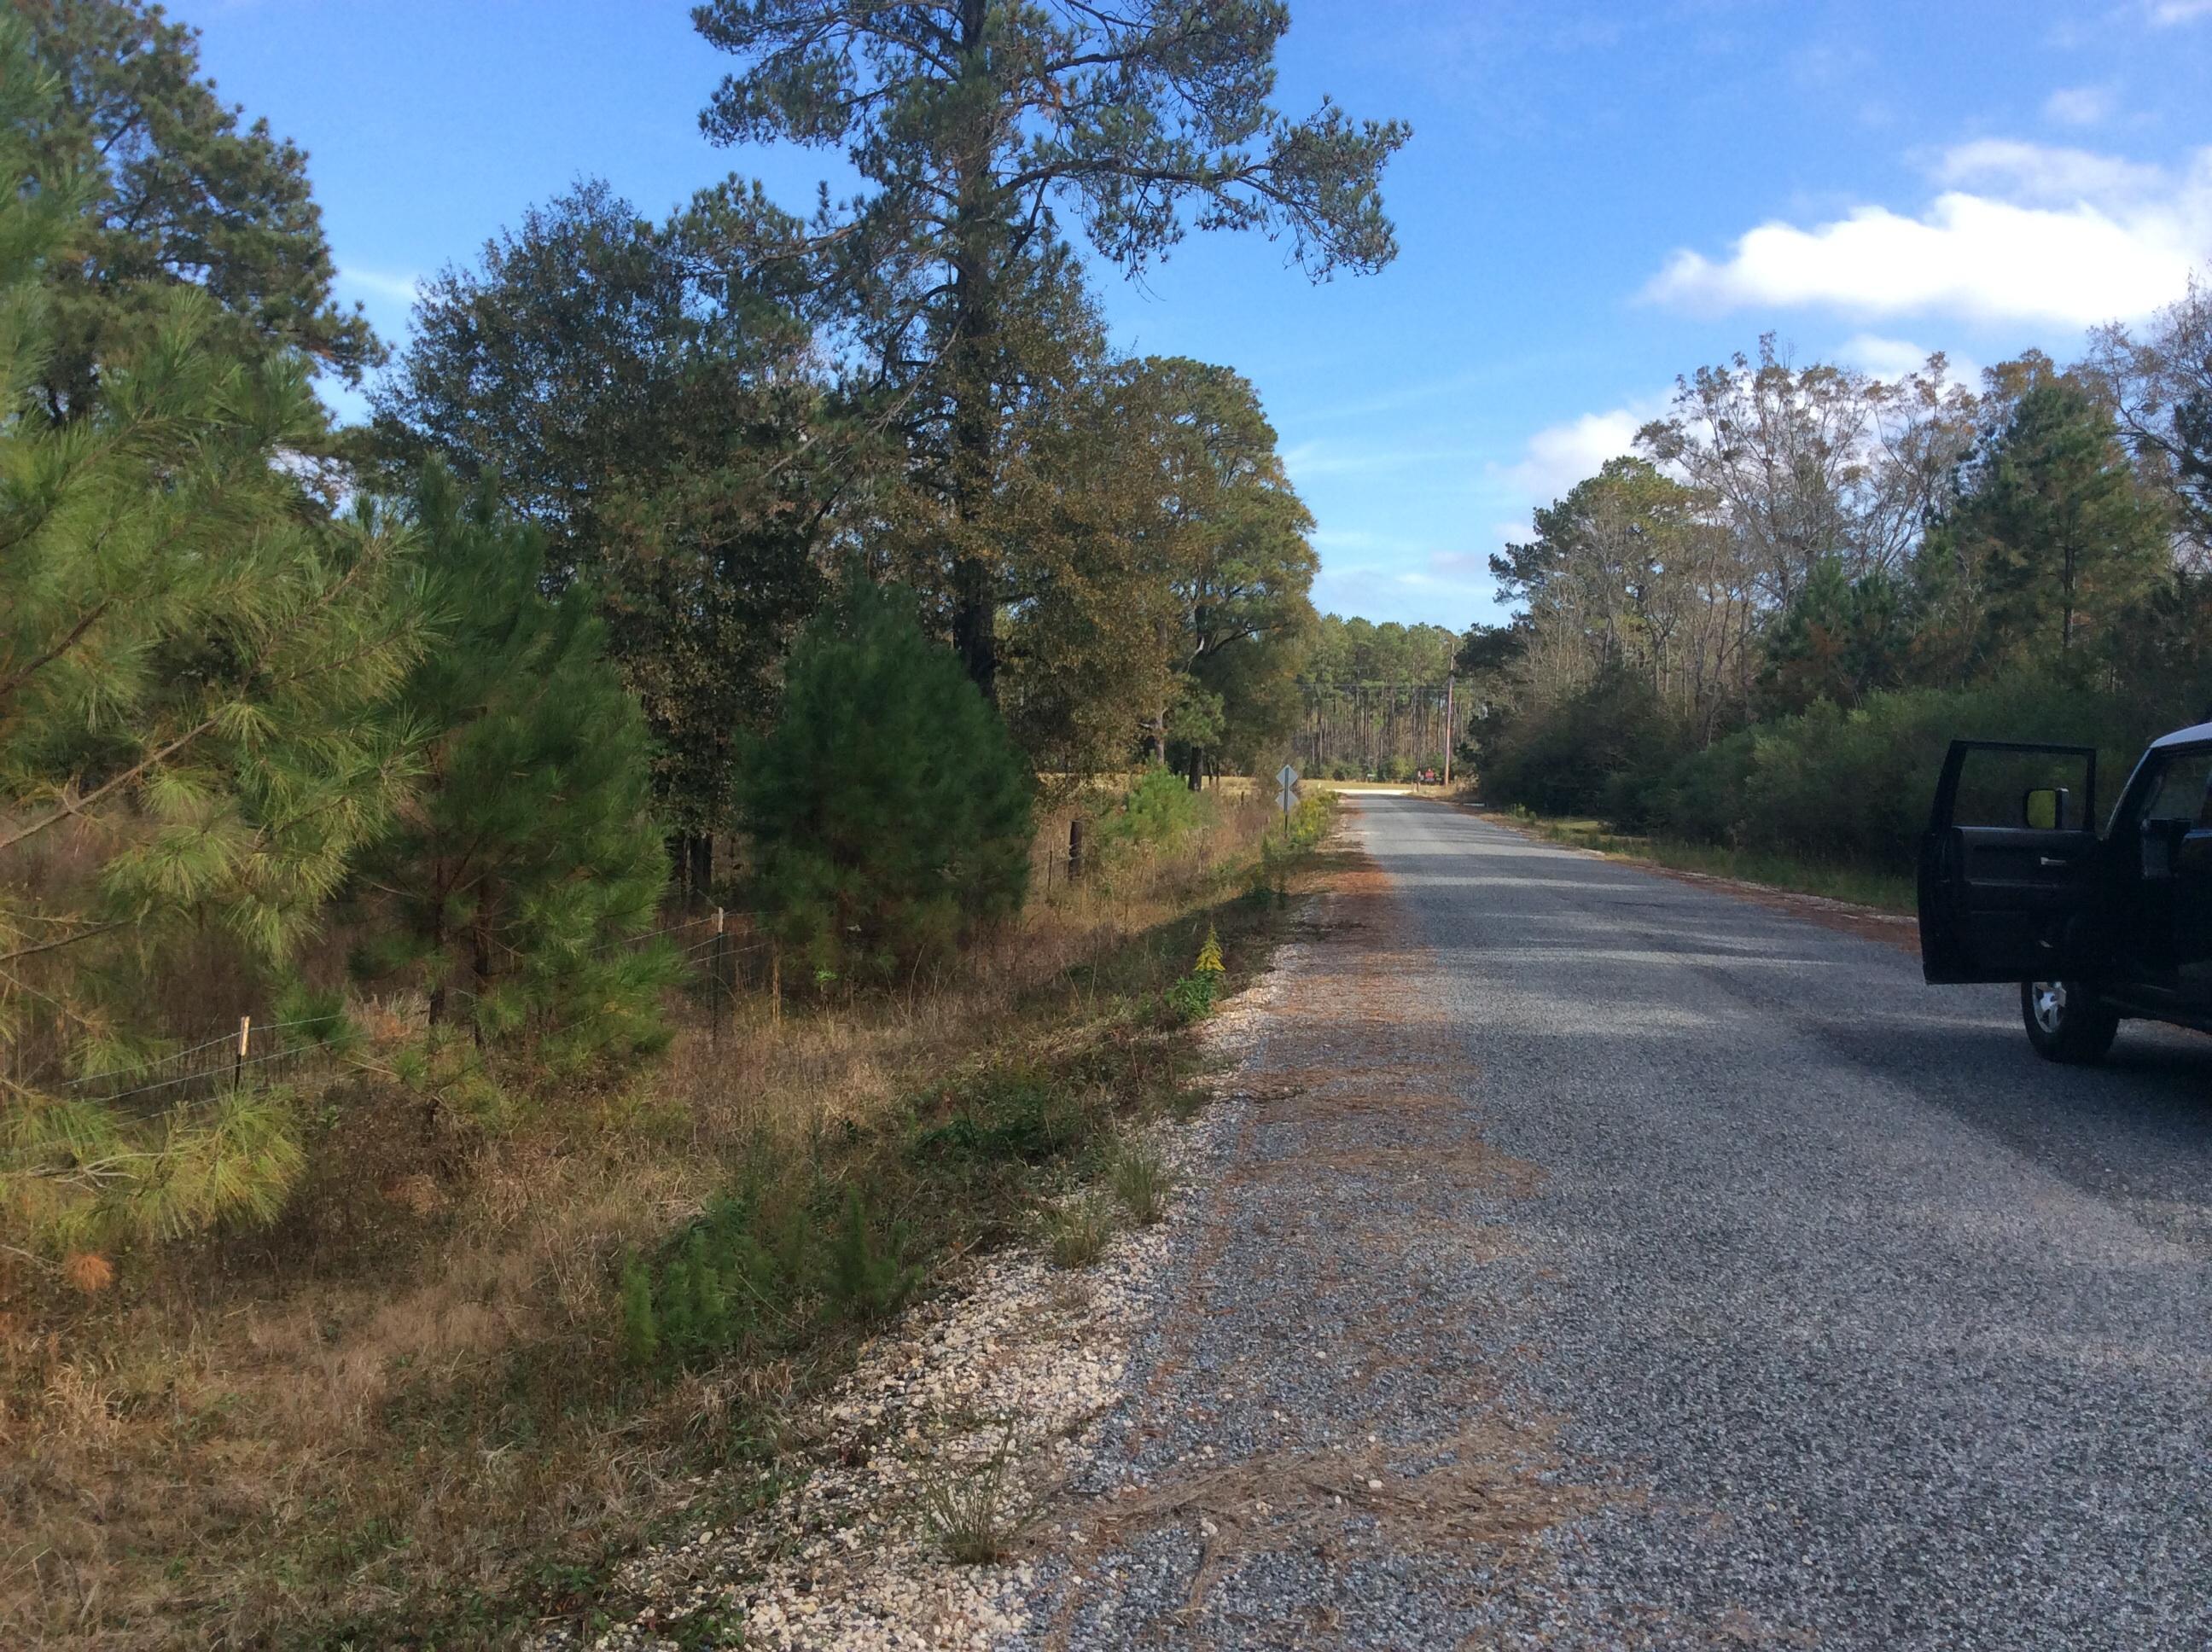 Longville land for sale,  US-171, Longville LA - $65,000